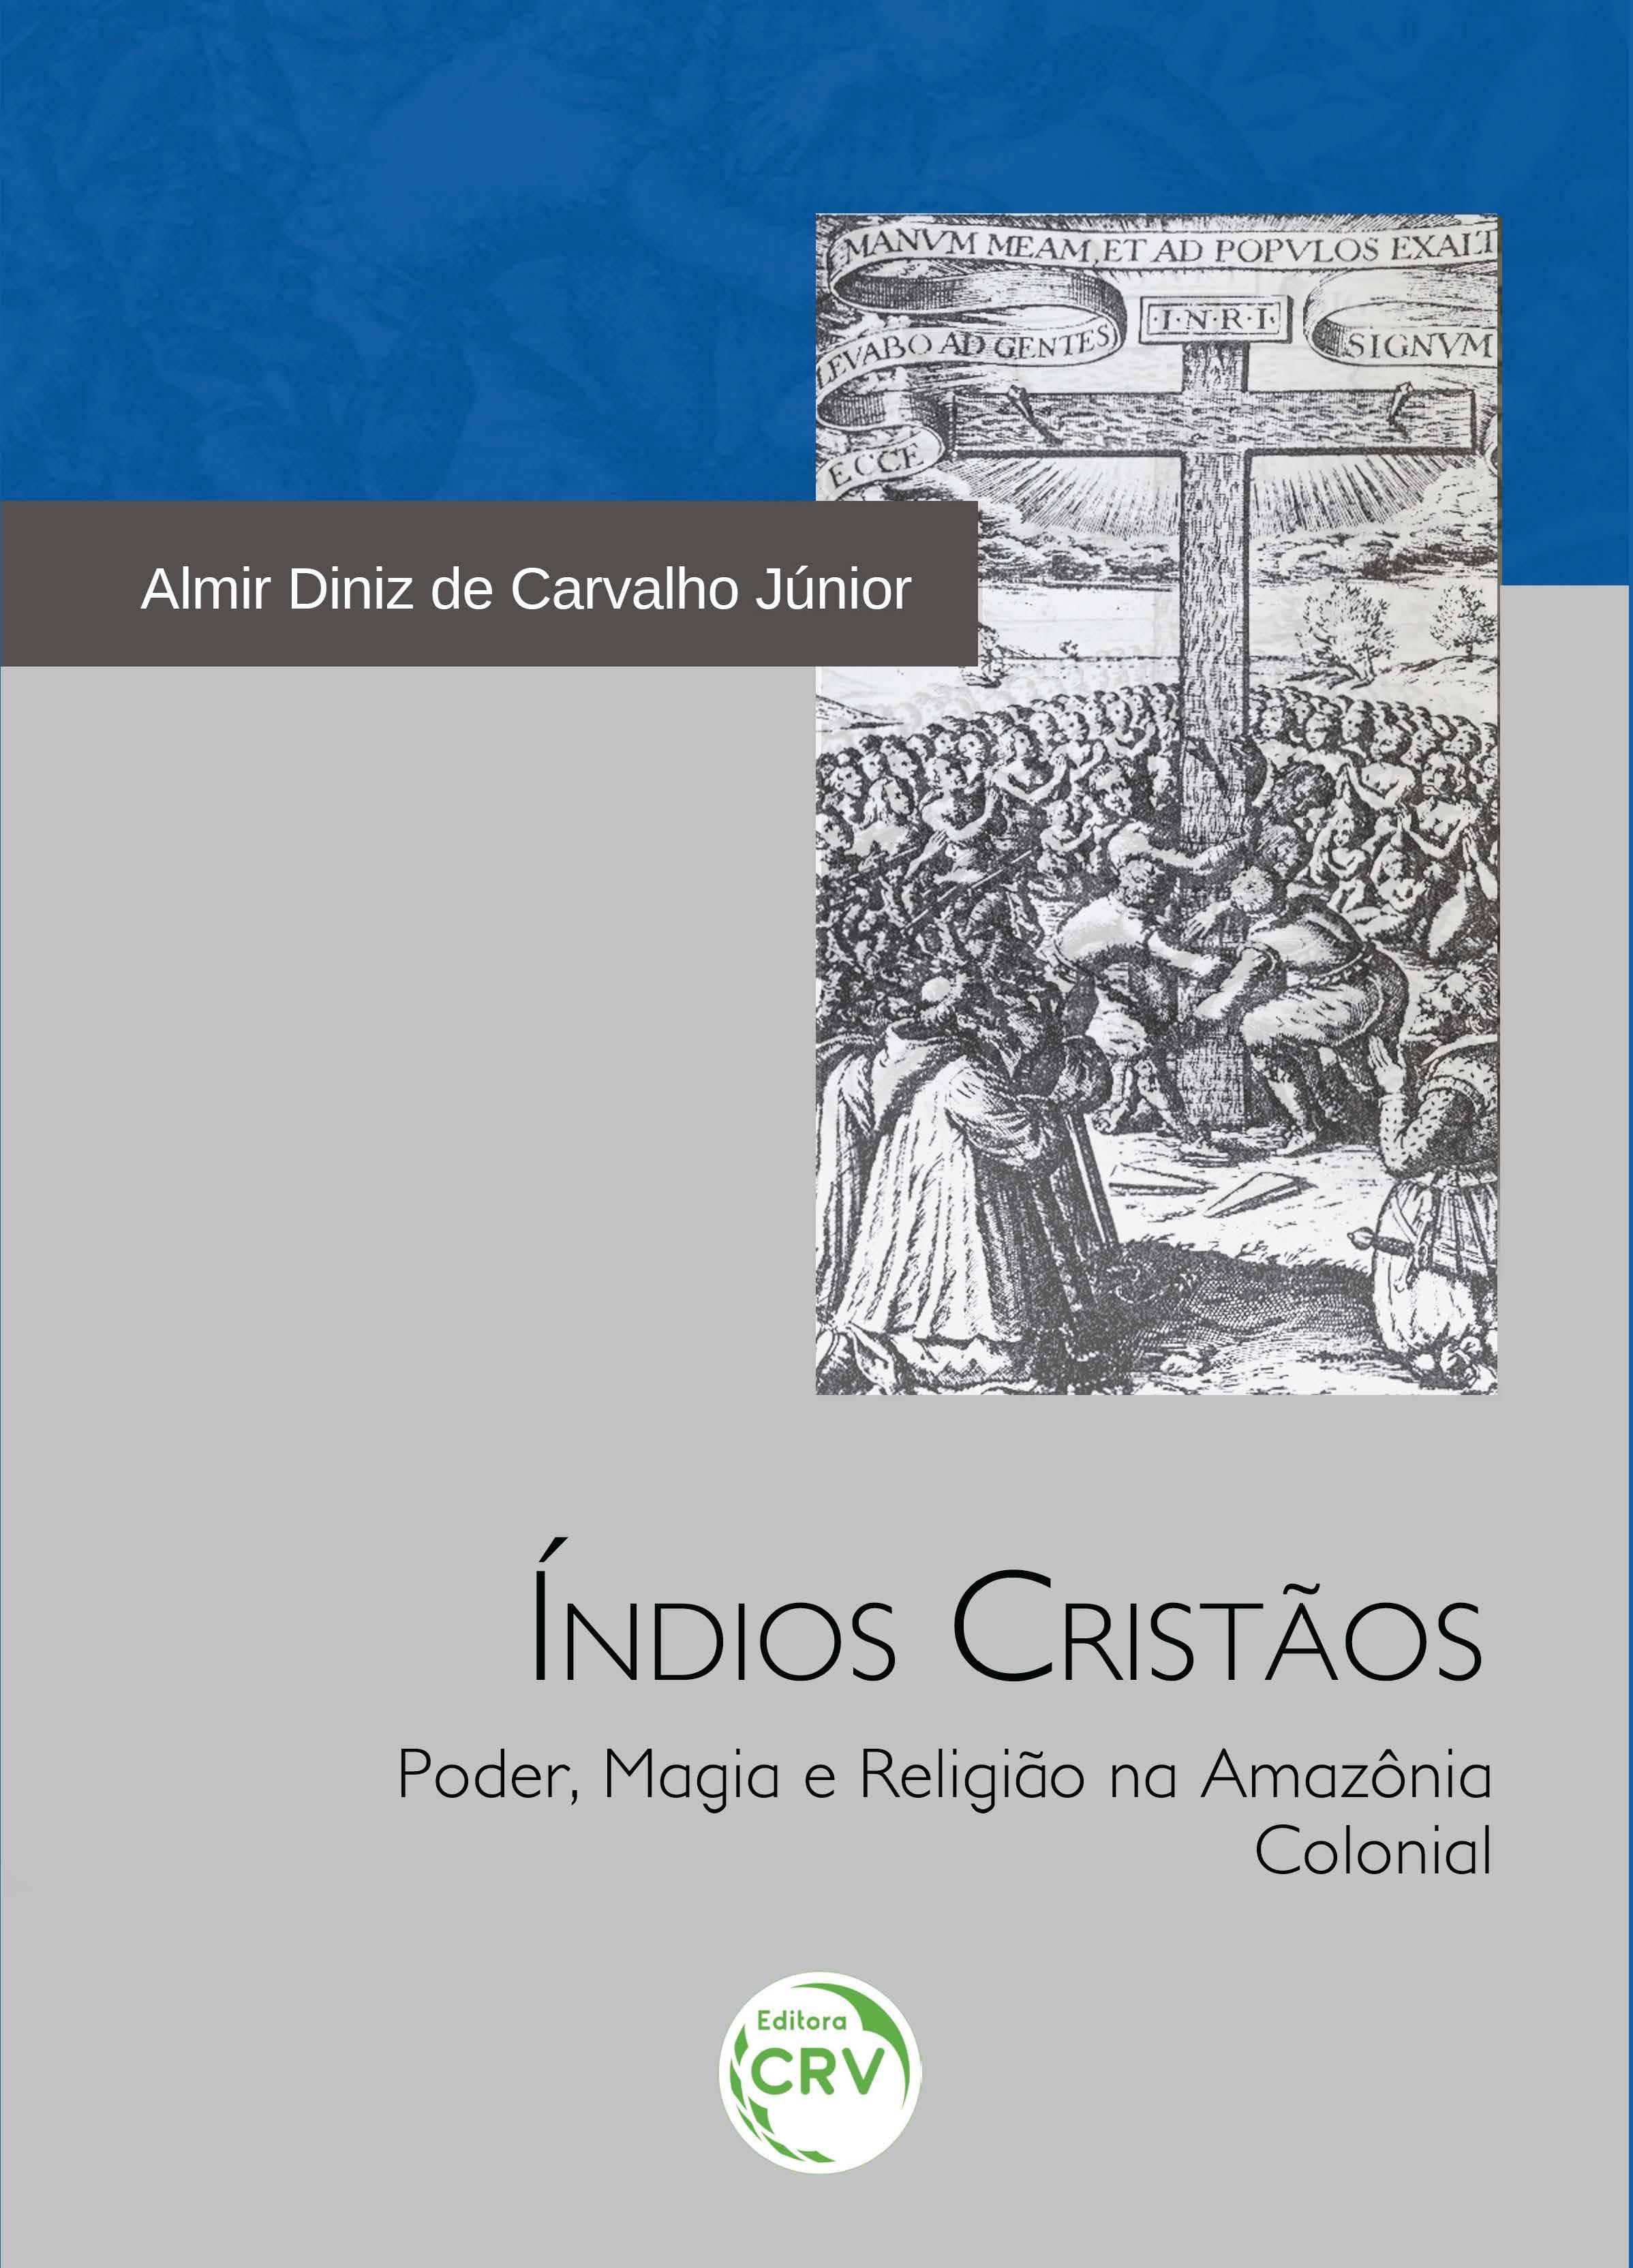 Capa do livro: ÍNDIOS CRISTÃOS:<br> poder, magia e religião na Amazônia colonial